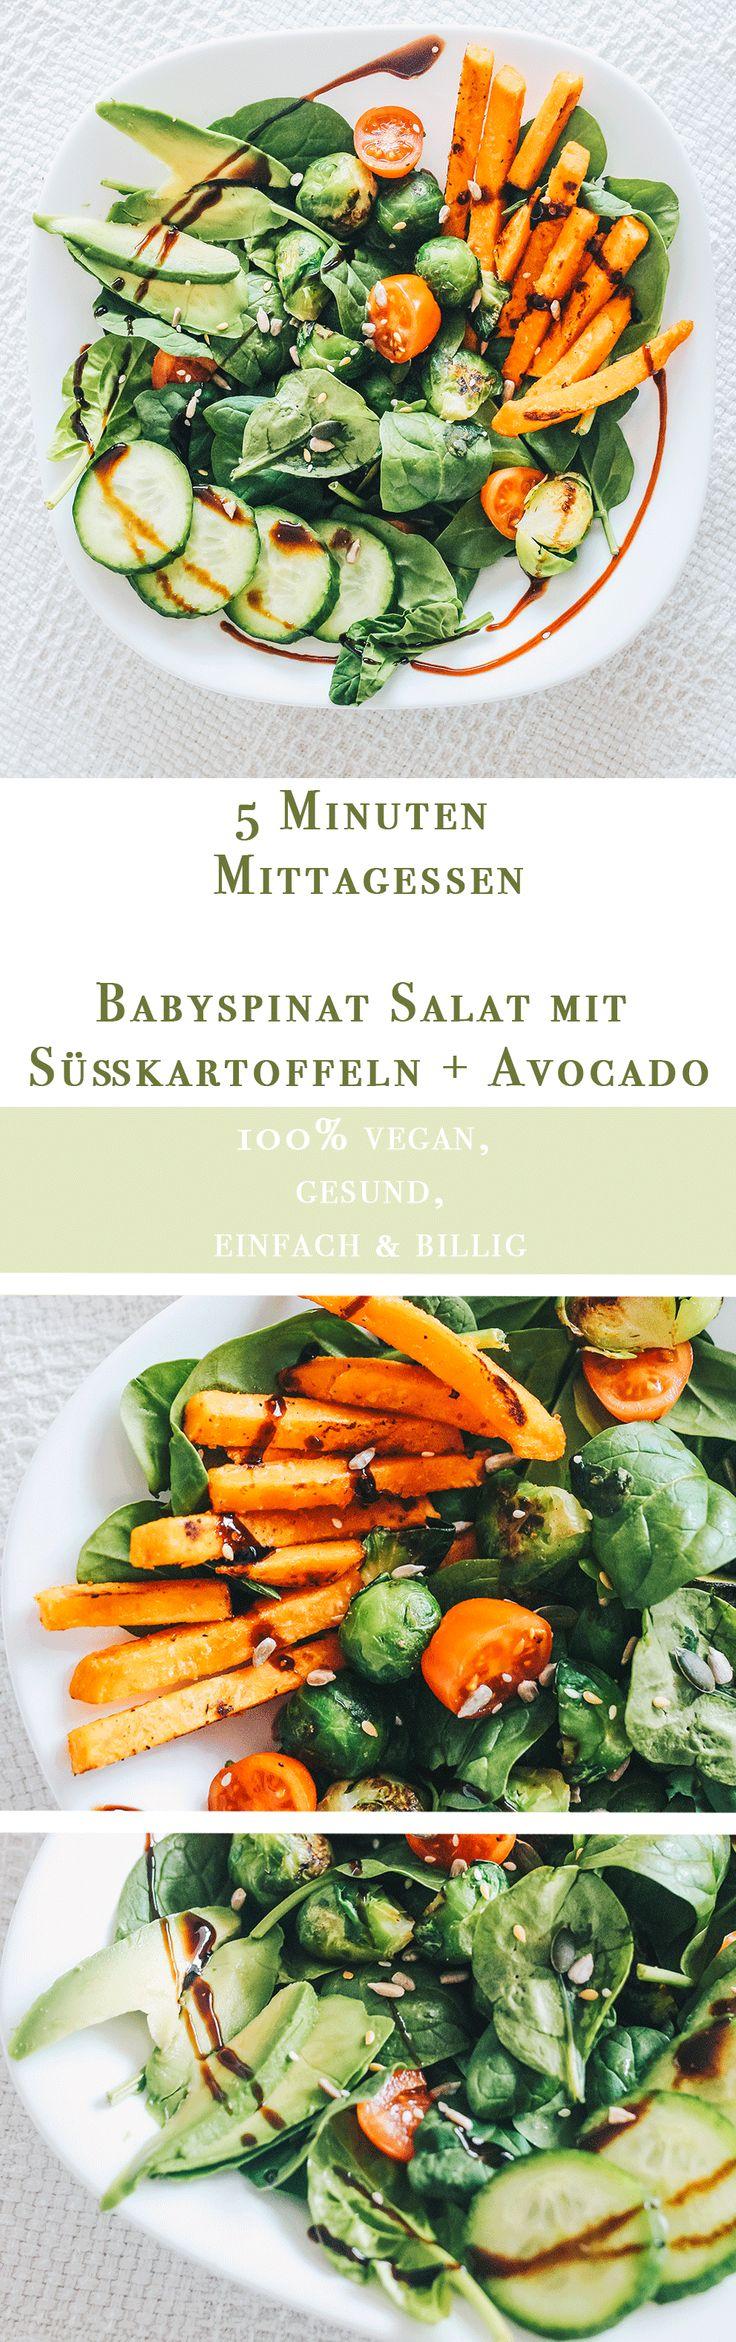 Vanillaholica | Babyspinat Salat mit Süßkartoffel, Avocado und Kohlsprossen | http://www.vanillaholica.com . Du willst in knapp 10 Minuten ein einfaches veganes Rezept für ein schnelles Mittagessen, dass gesund und einfach ist. Mit diesem Salat Rezept hast Du dass richtige gefunden. Mit Süßkartoffel Pommes, Avocado Stücken, Babyspinat und vielen gesunden, veganen Rohstoffen bietet dieses Mittagessen dir viel Energie für den Tag.